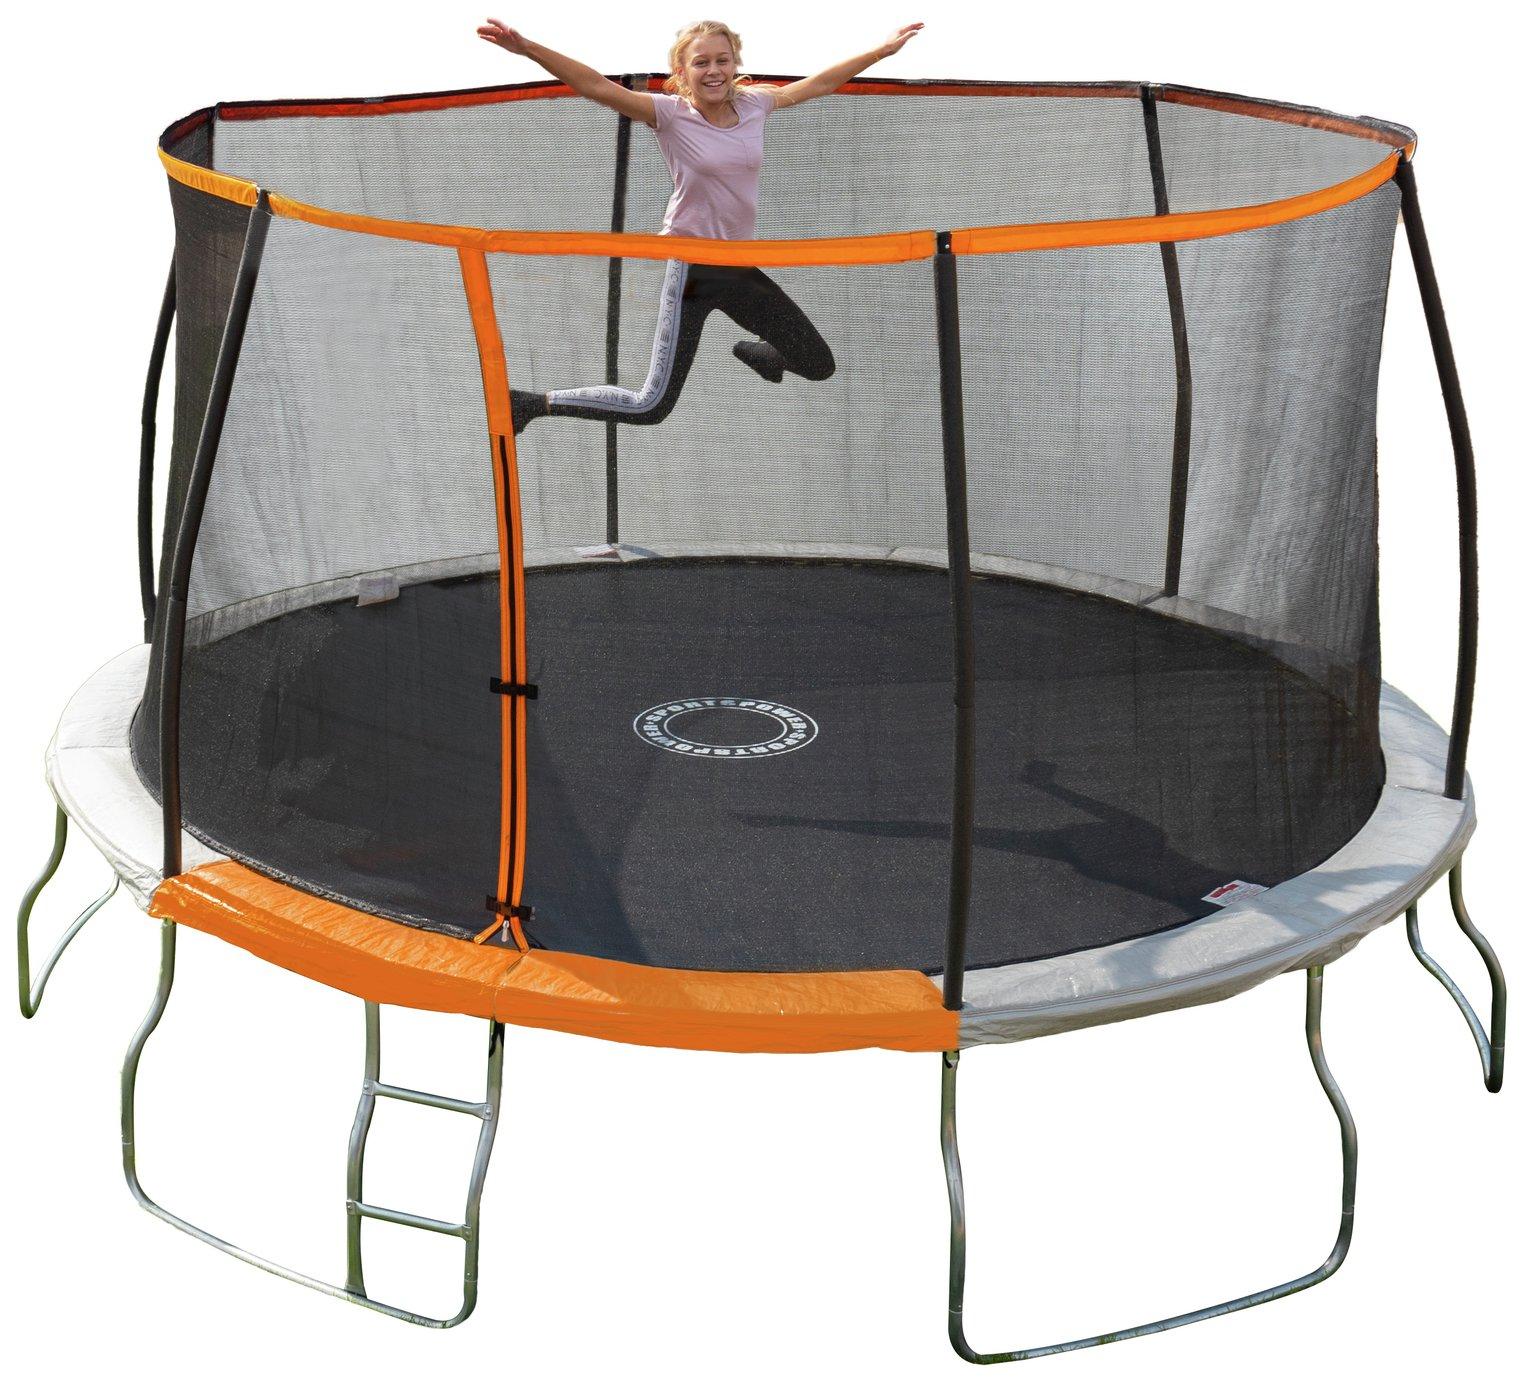 Sportspower 14ft Folding Trampoline